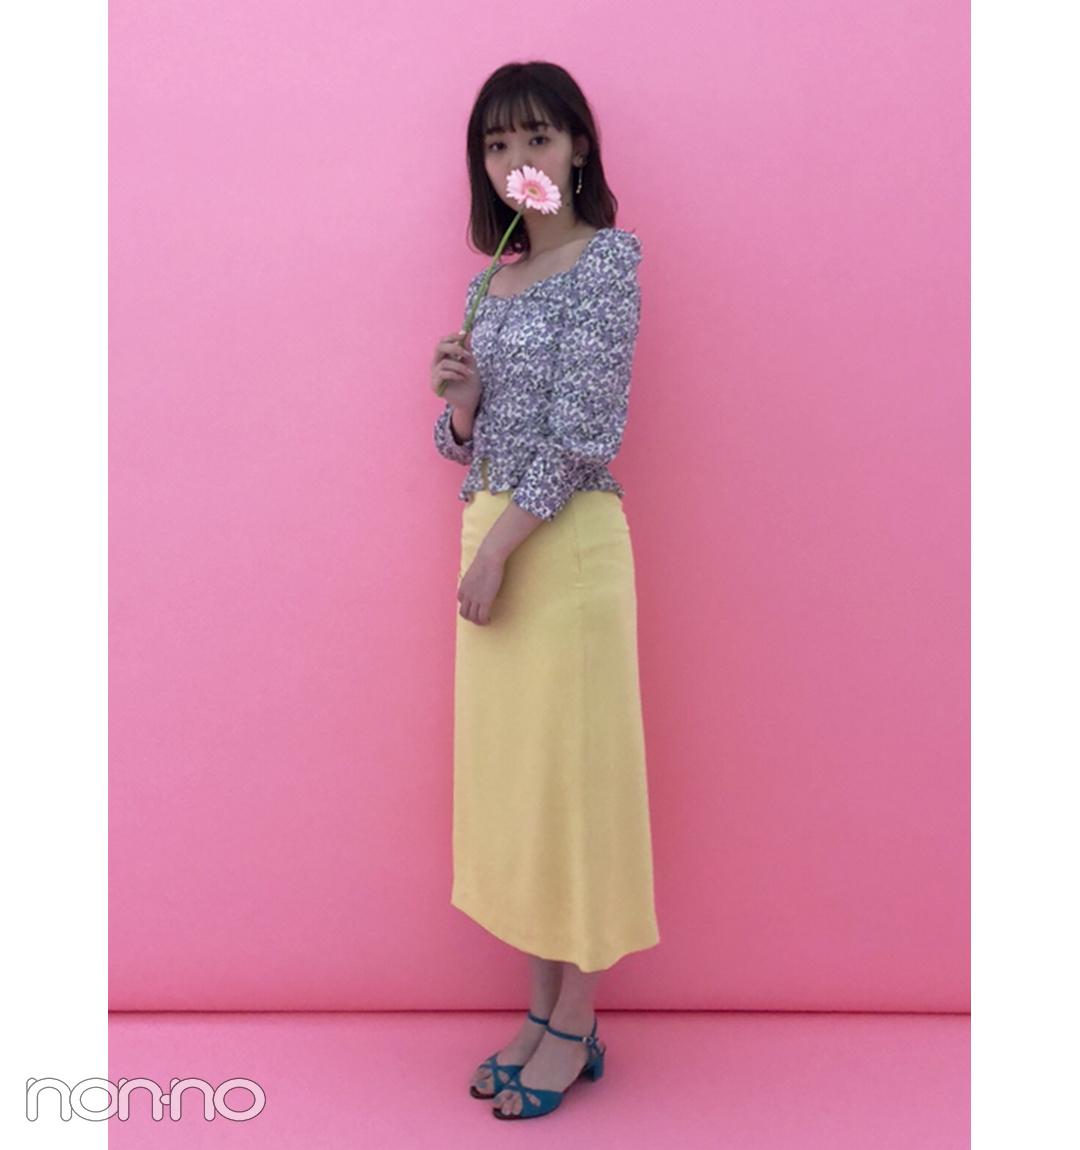 江野沢愛美は韓国ブランドでレトロマンチックコーデ【毎日コーデ】